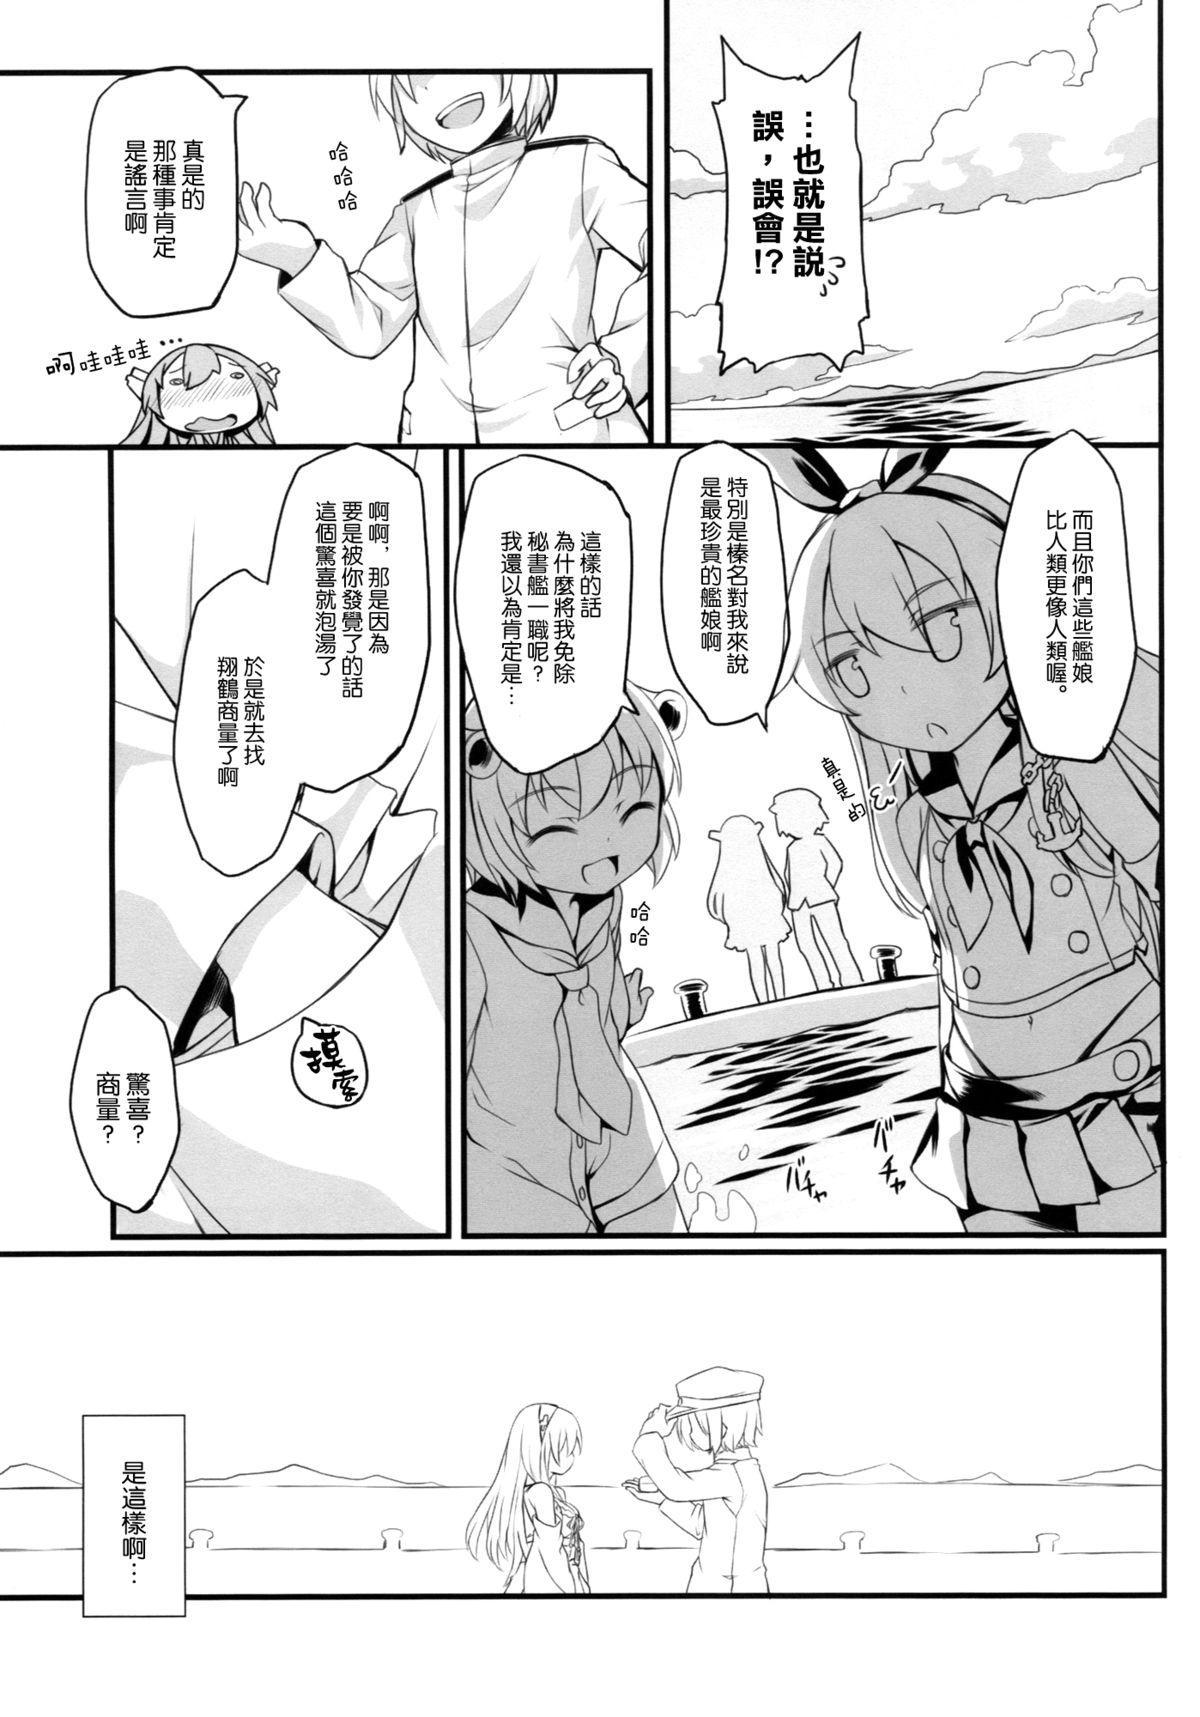 Watashi no Teitoku 20